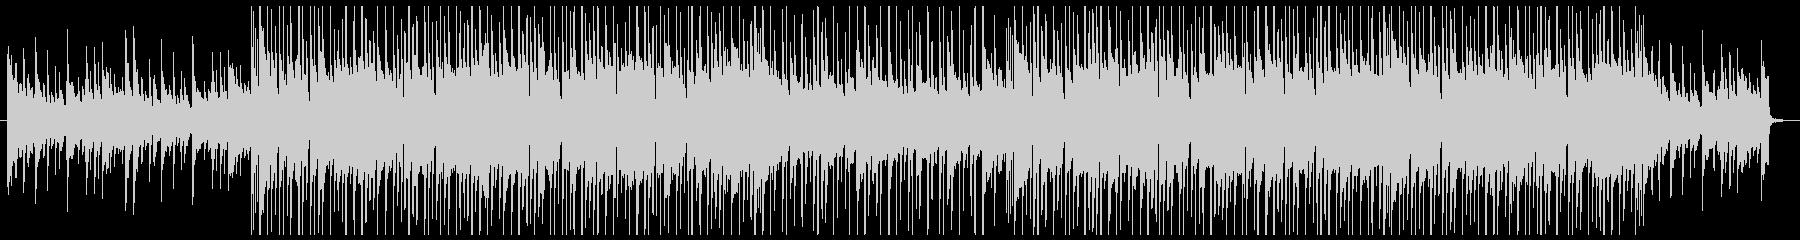 ピアノの旋律が切ないヒップホップの未再生の波形